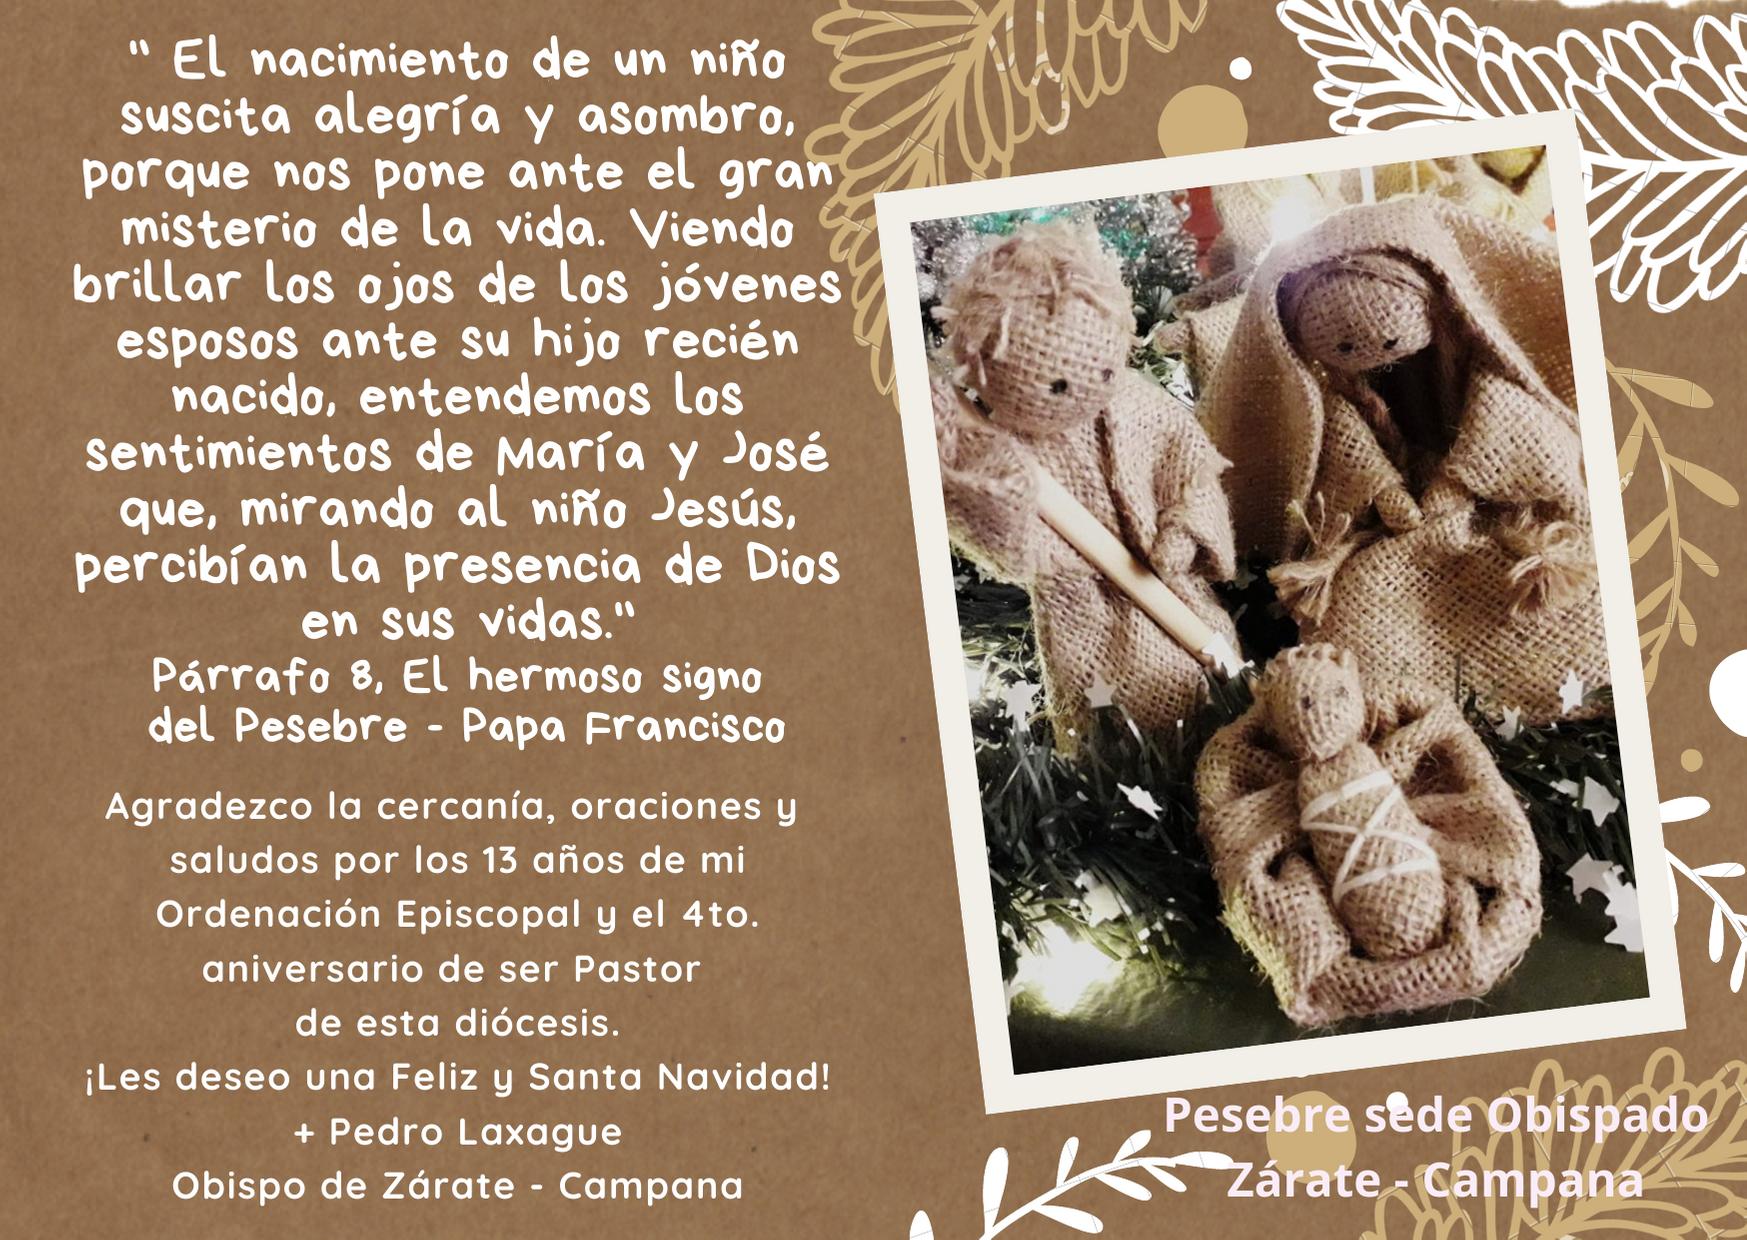 ¡Feliz y Santa Navidad! Monseñor Pedro Laxague